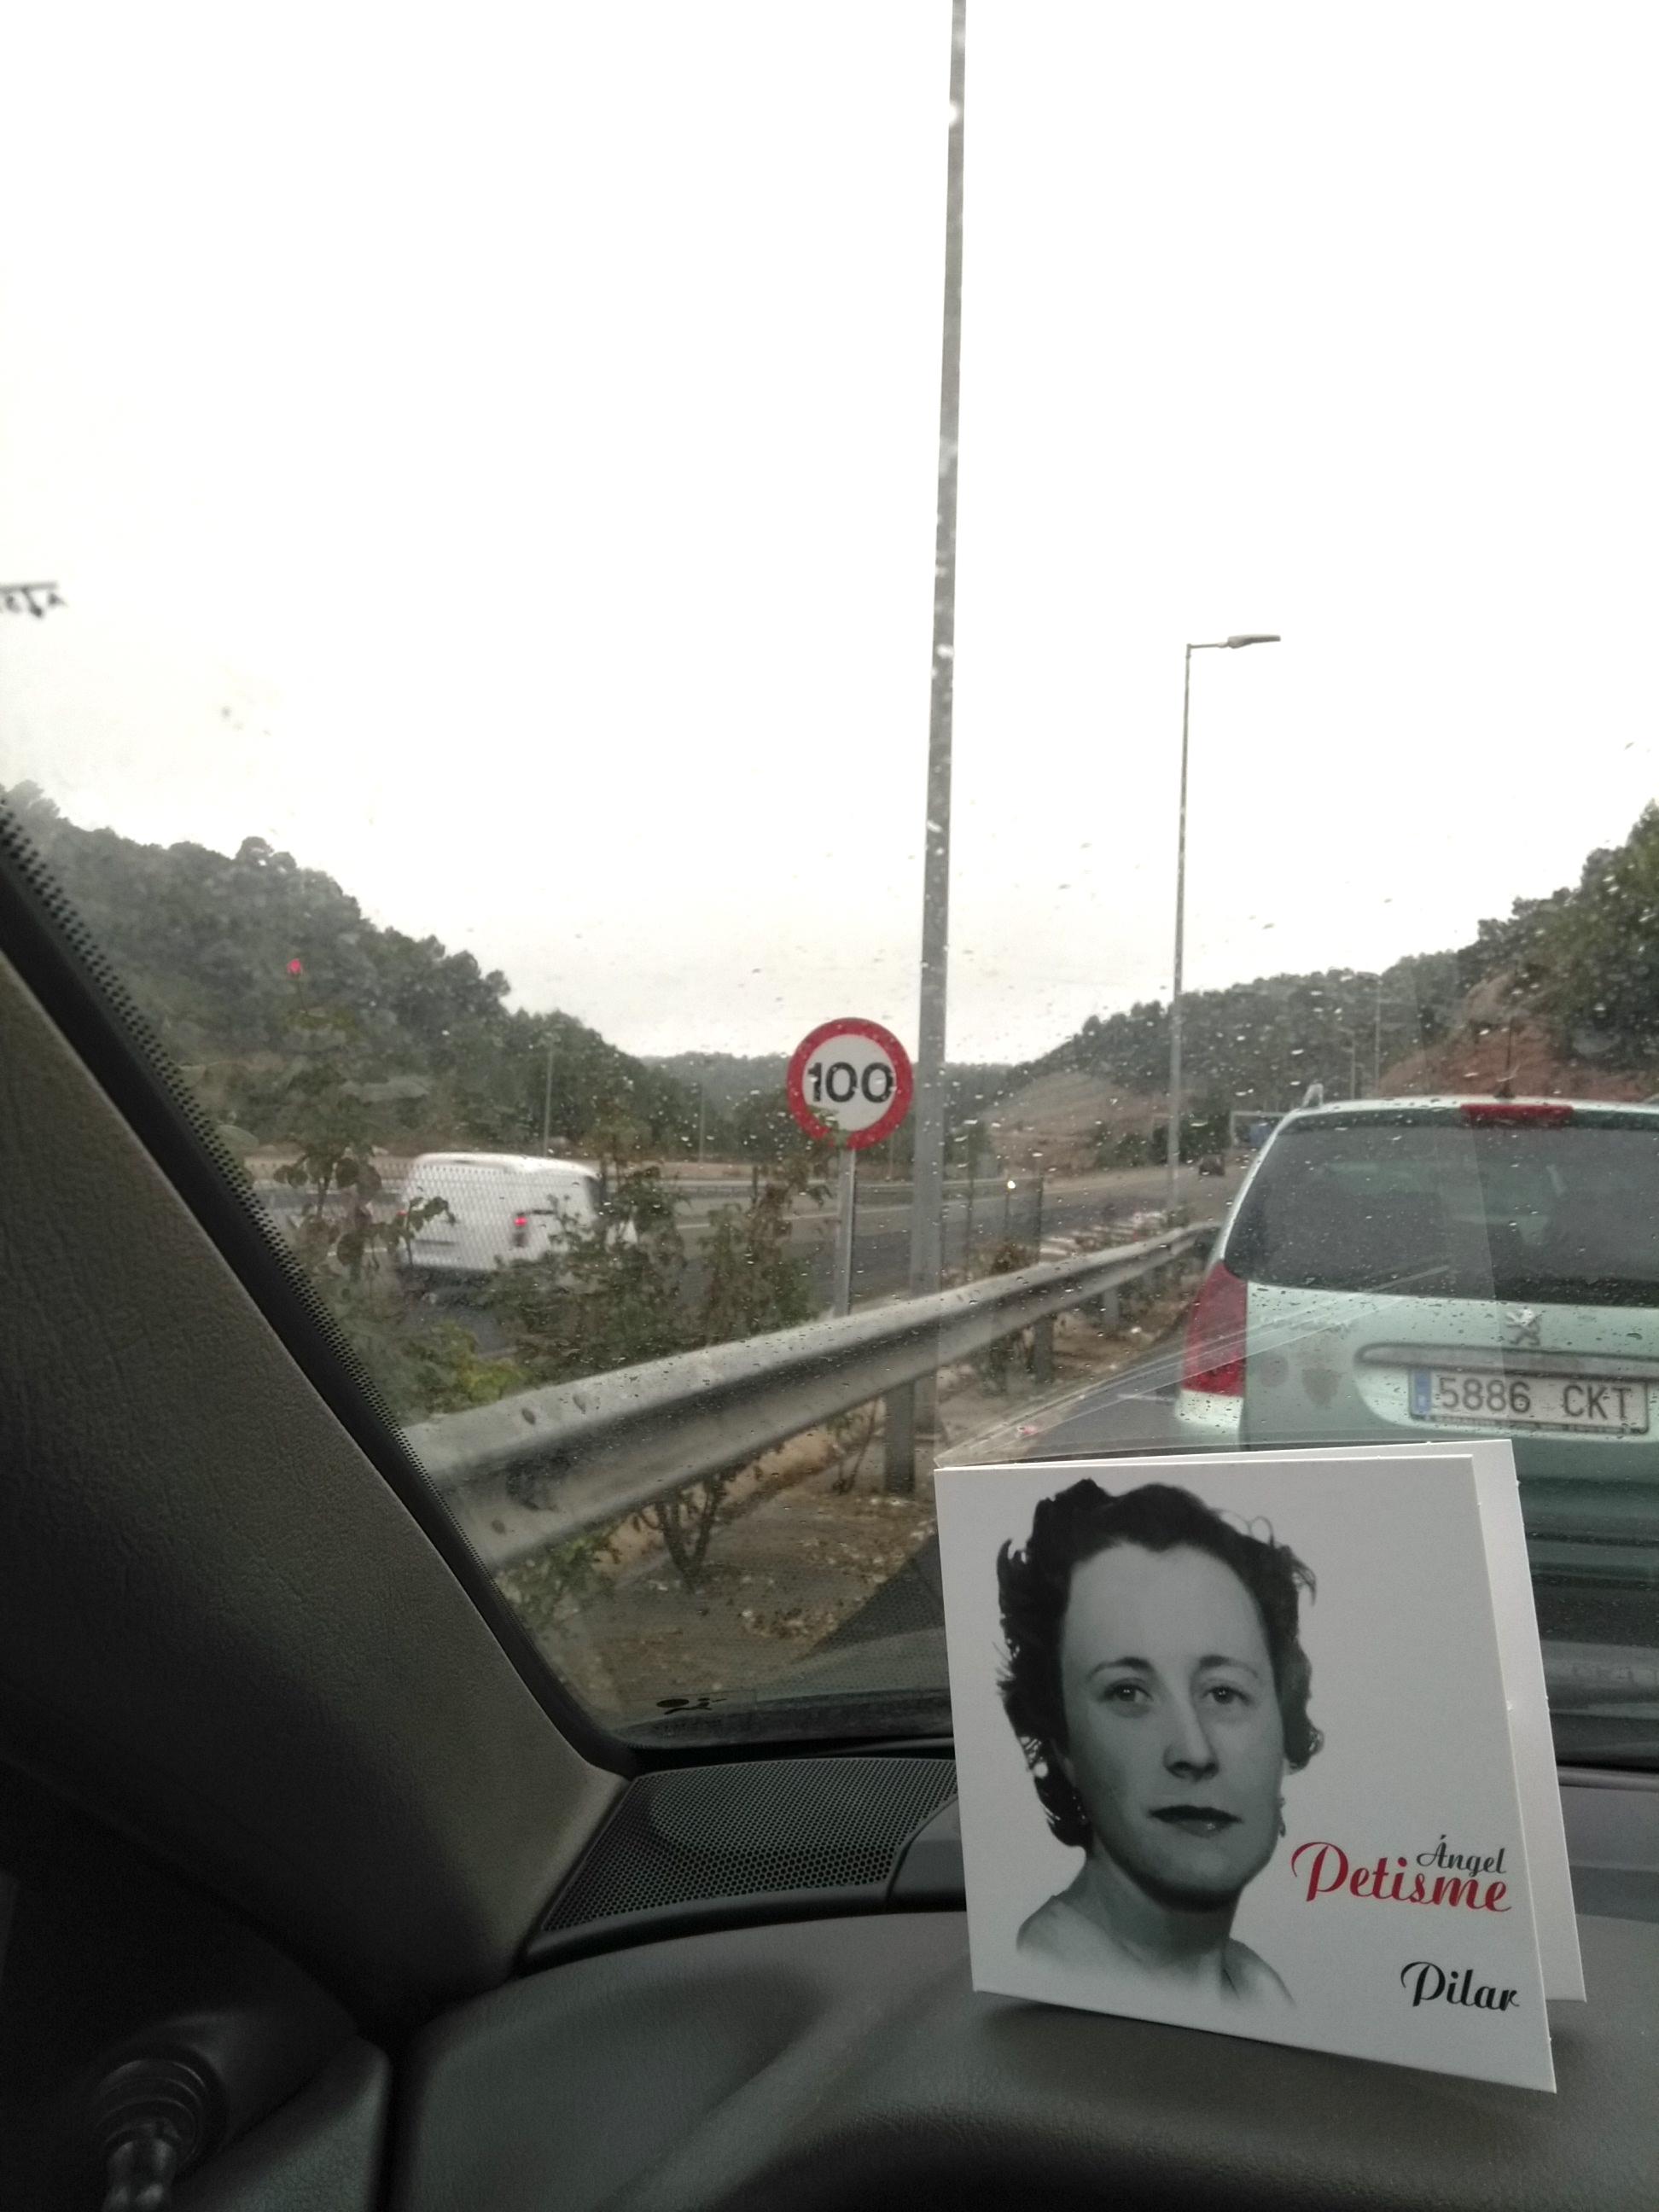 FRAN J. GARCÍA (barcelona)El día de(l) Pilar, no donde muere la carretera sino donde renace con cada paso como nos sugirió el poeta, con la vista adelante y el corazón en los recuerdos.jpg